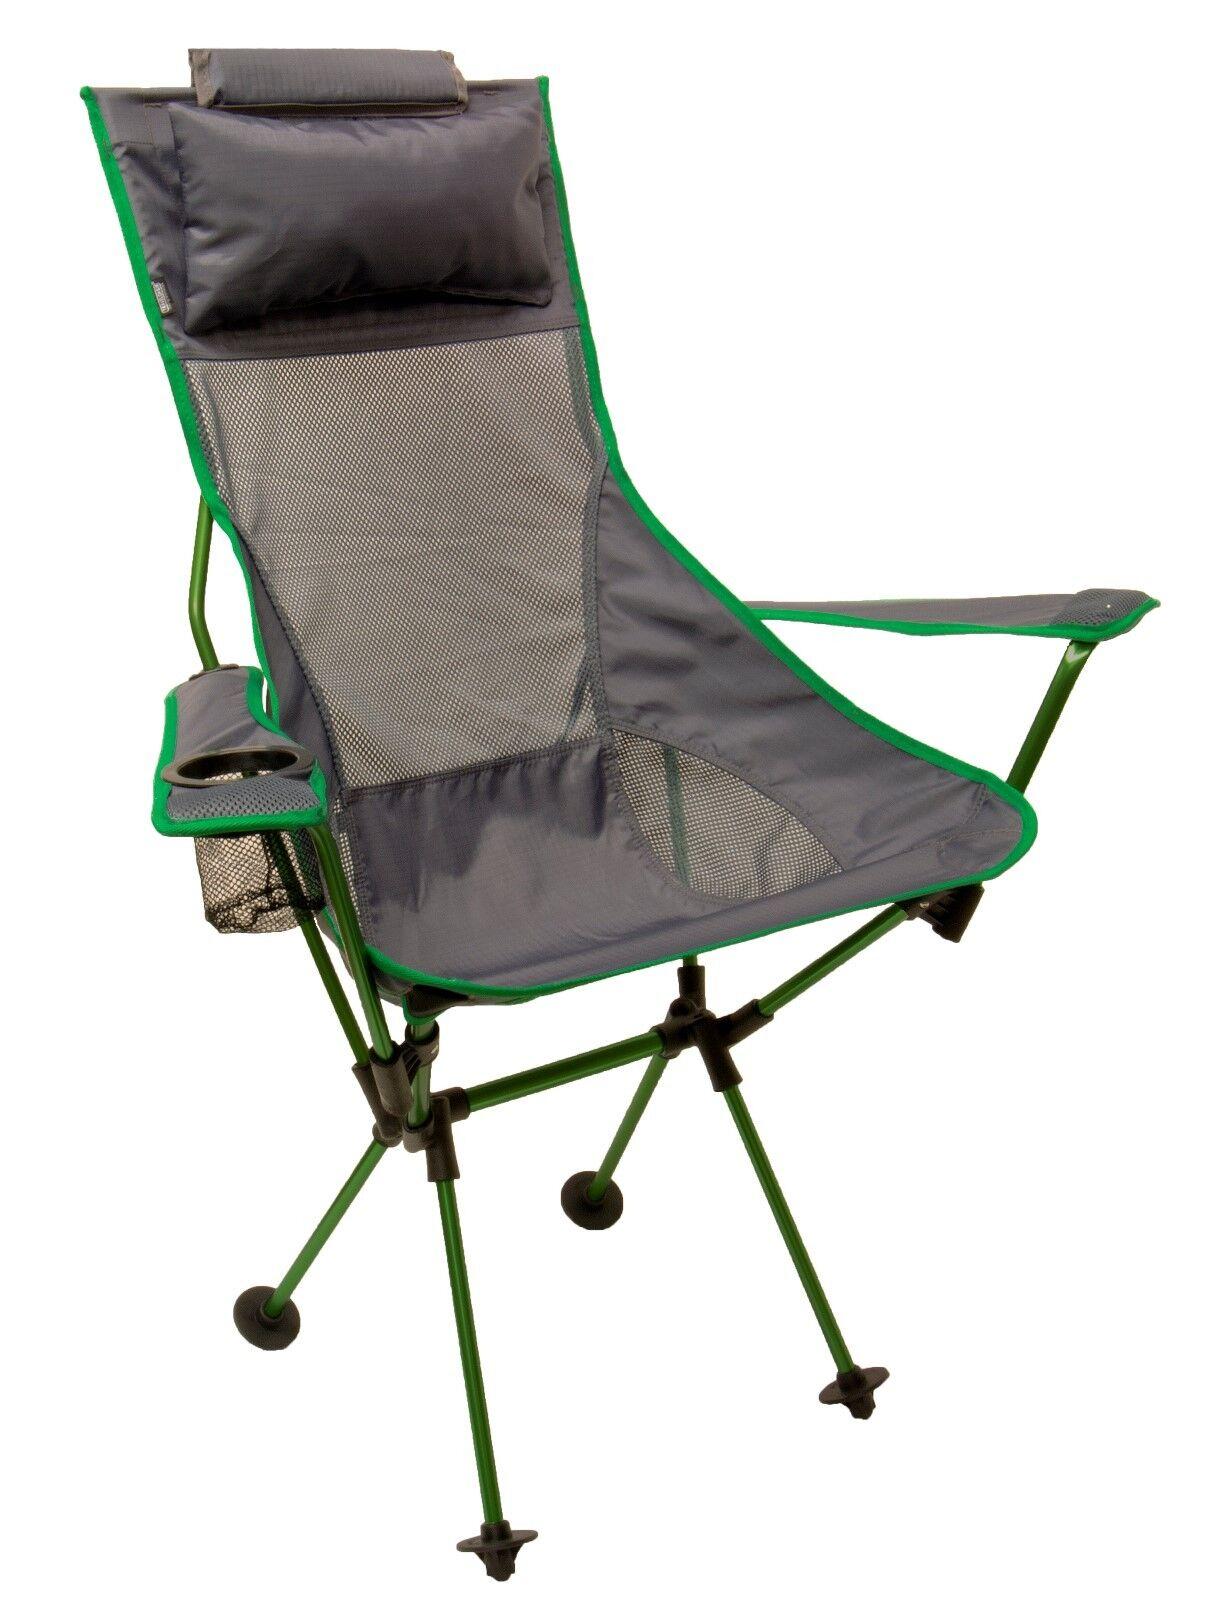 Travelchair Koala Hi atrás para senderismo para portátil liviano Campamento  Silla  envío gratis